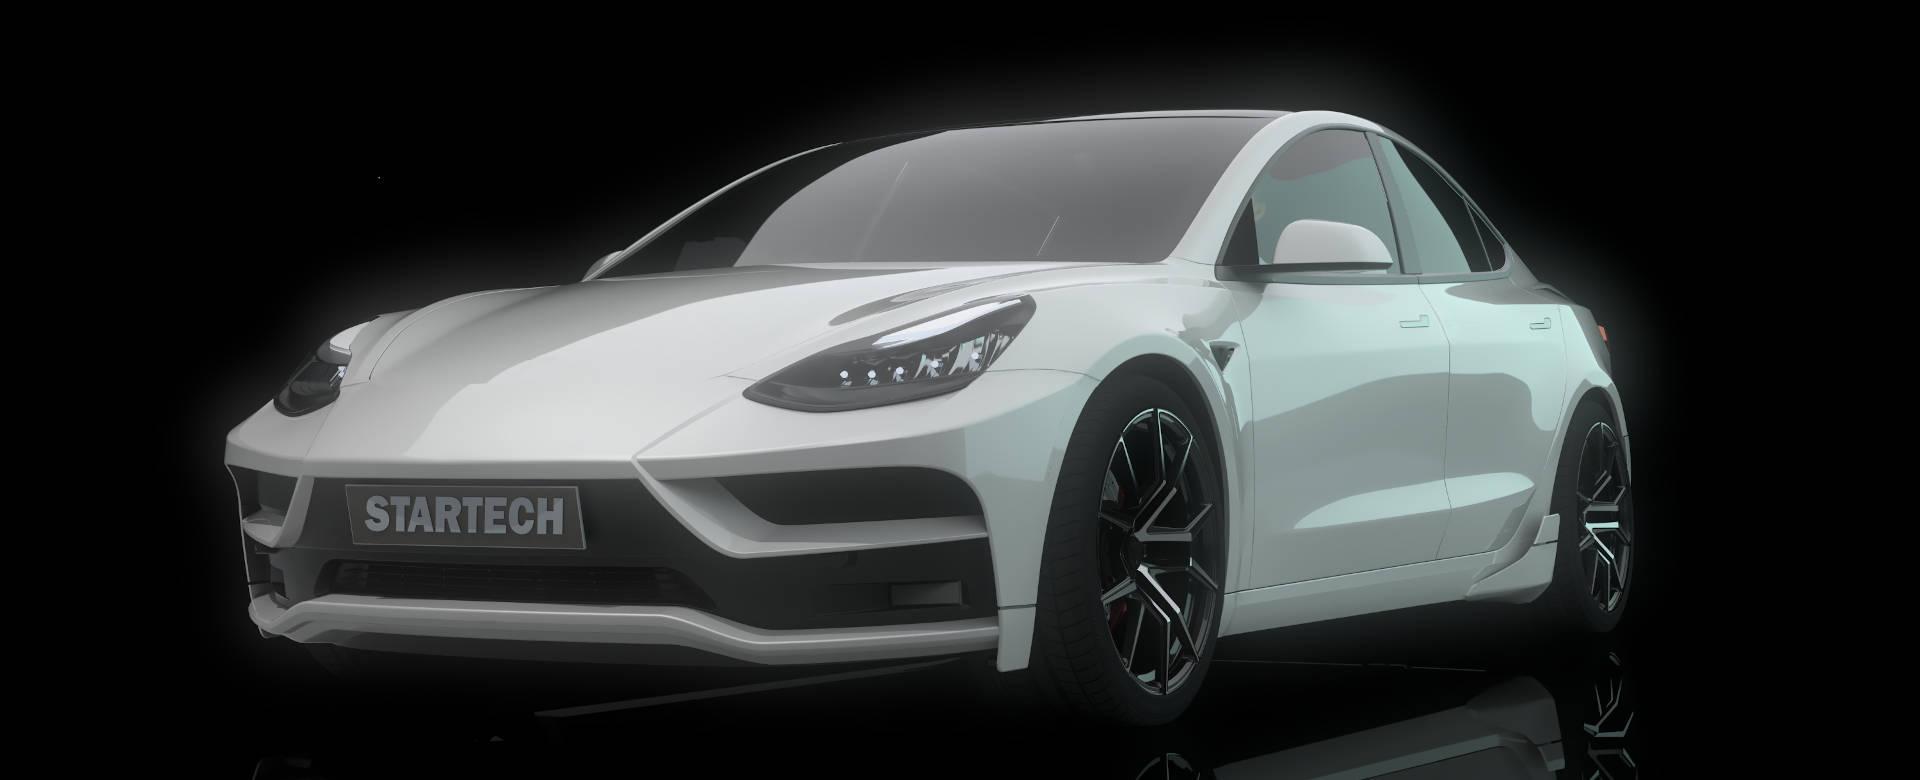 Tesla-Model-3-by-Startech-16-18